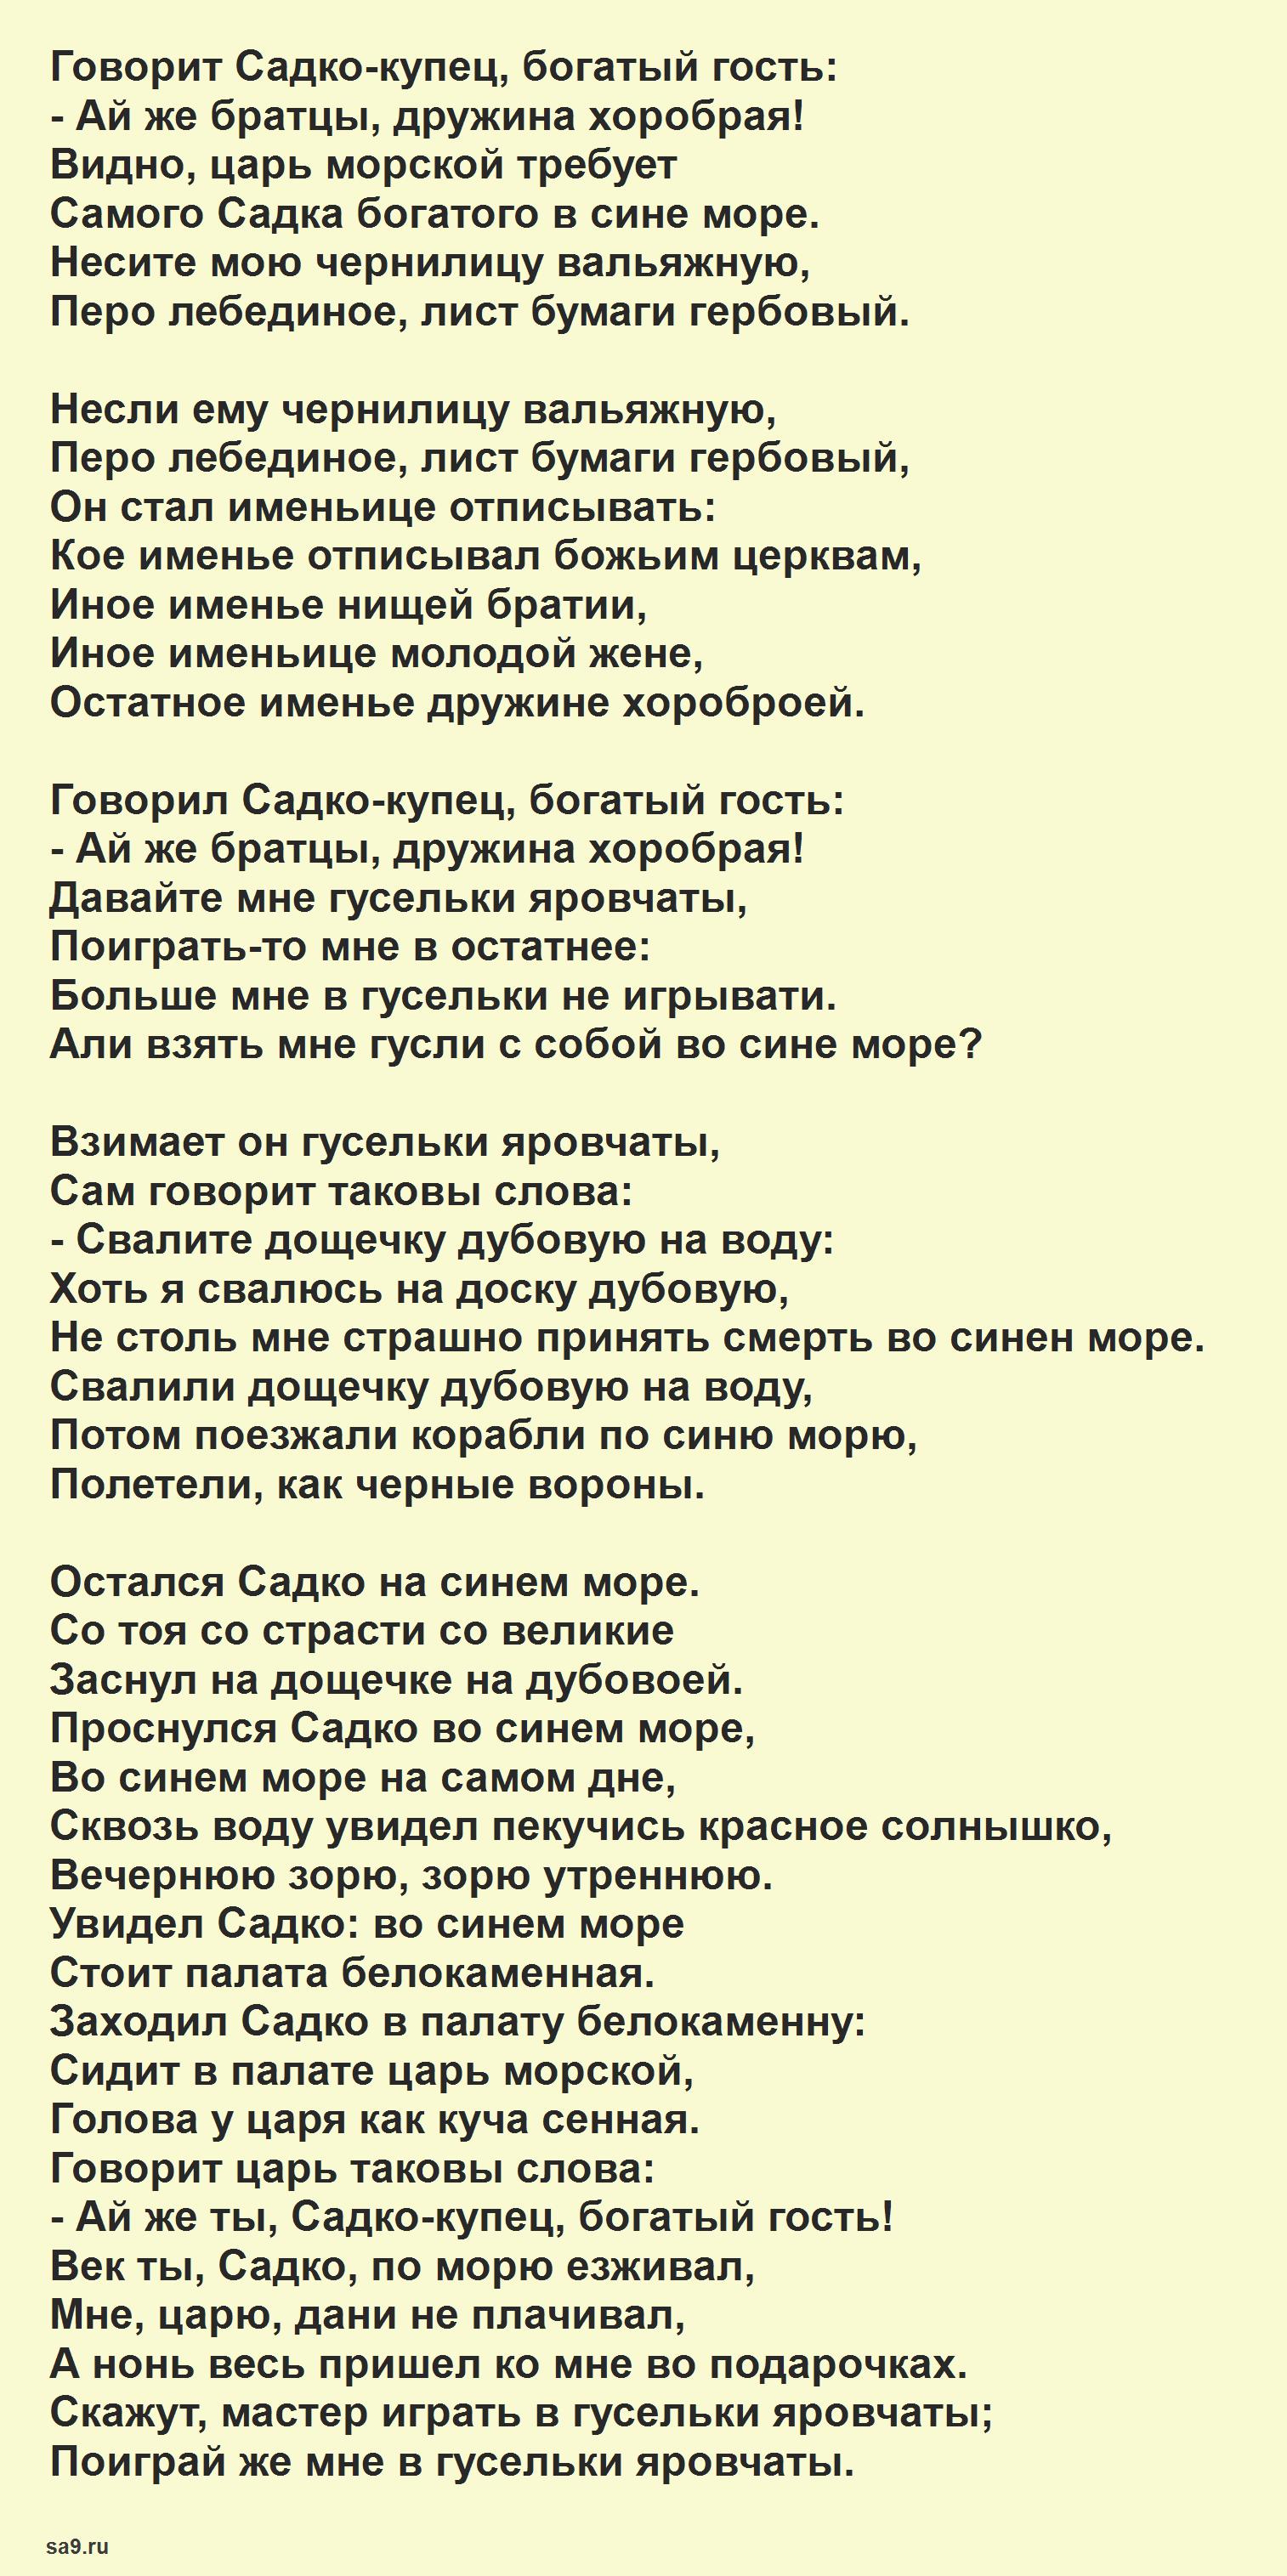 Былина - Садко русская народная